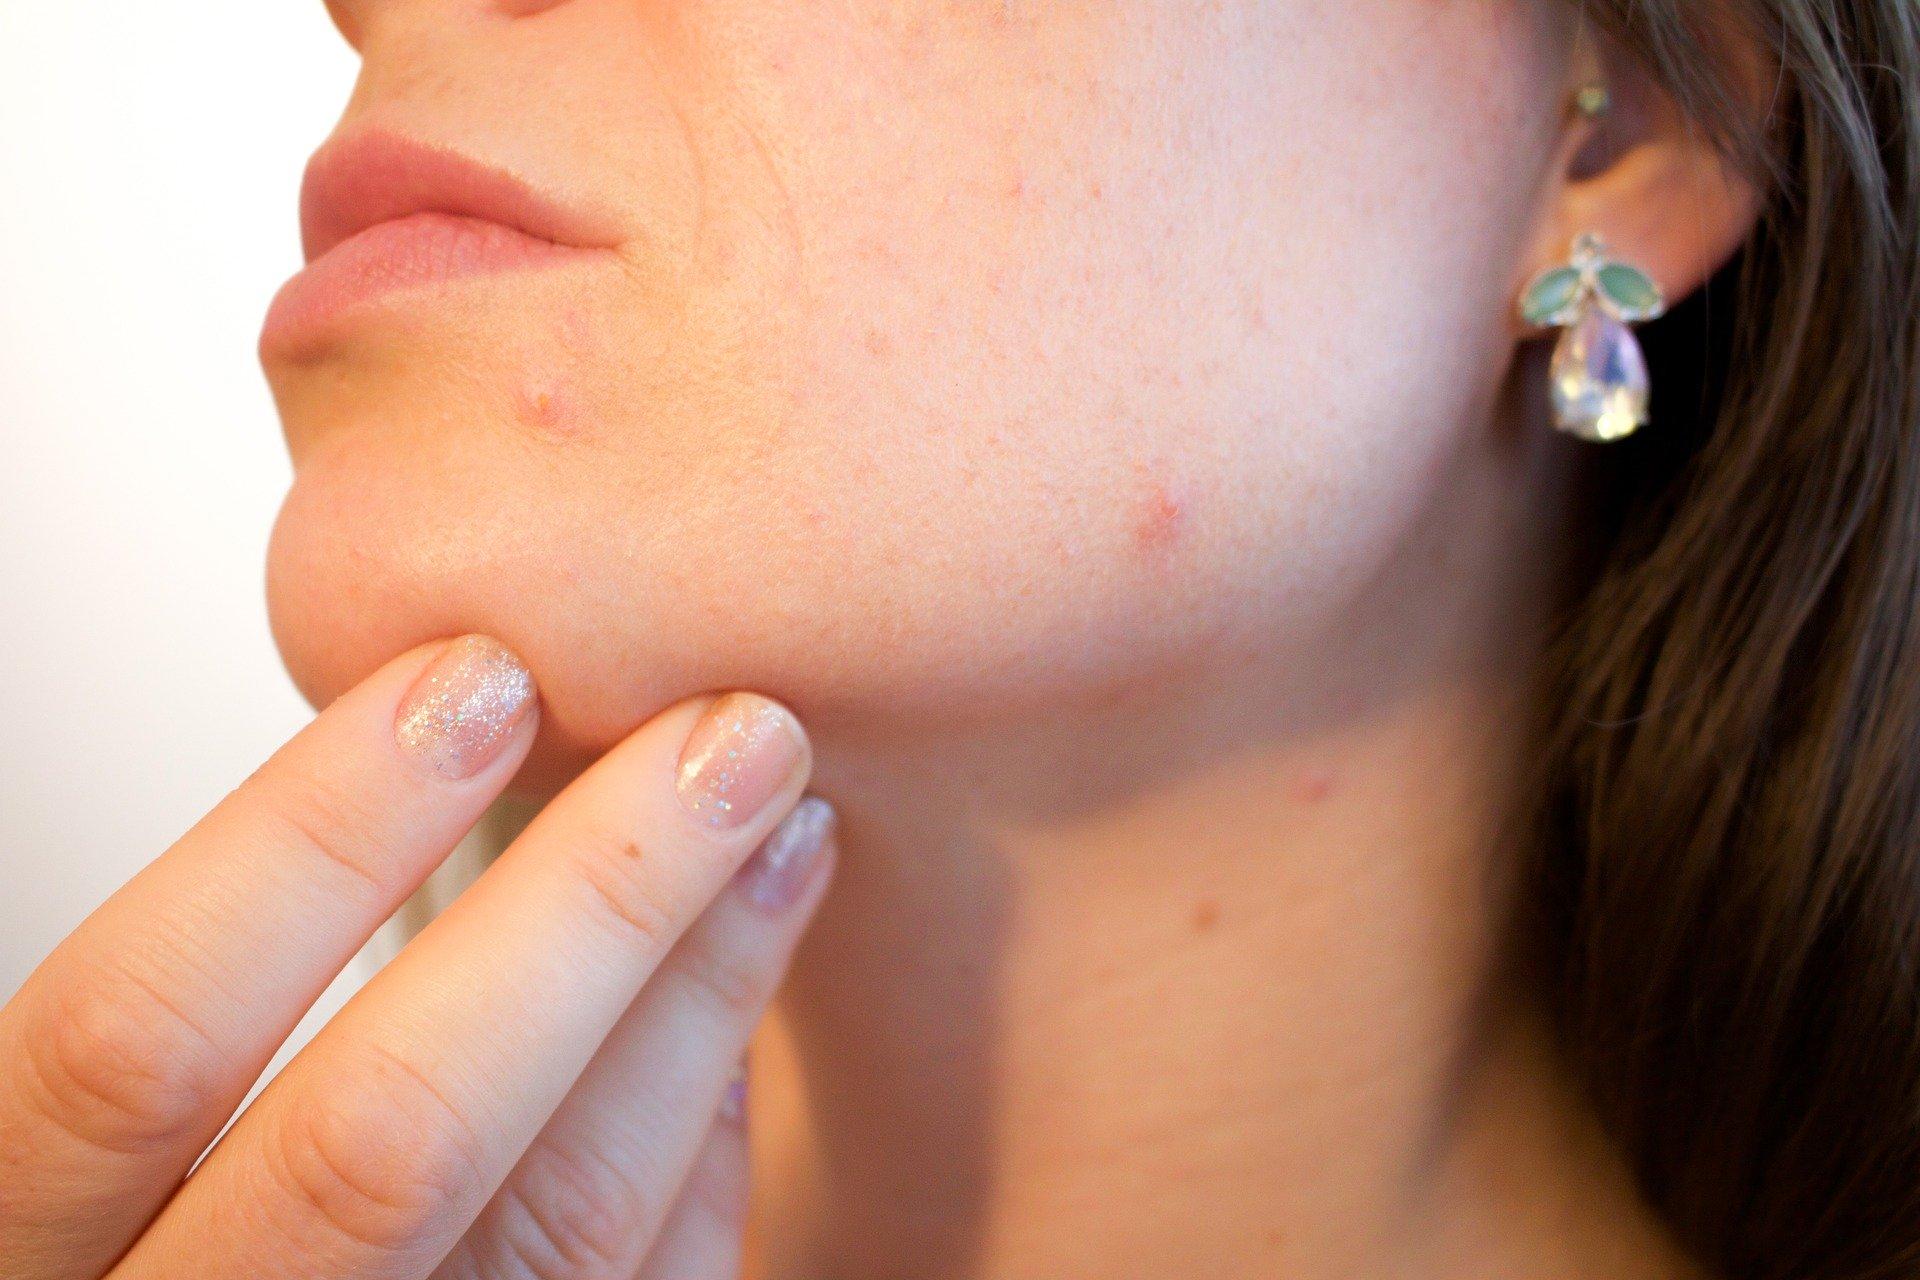 Astuces beauté : comment prendre soin de sa peau grasse au quotidien ?